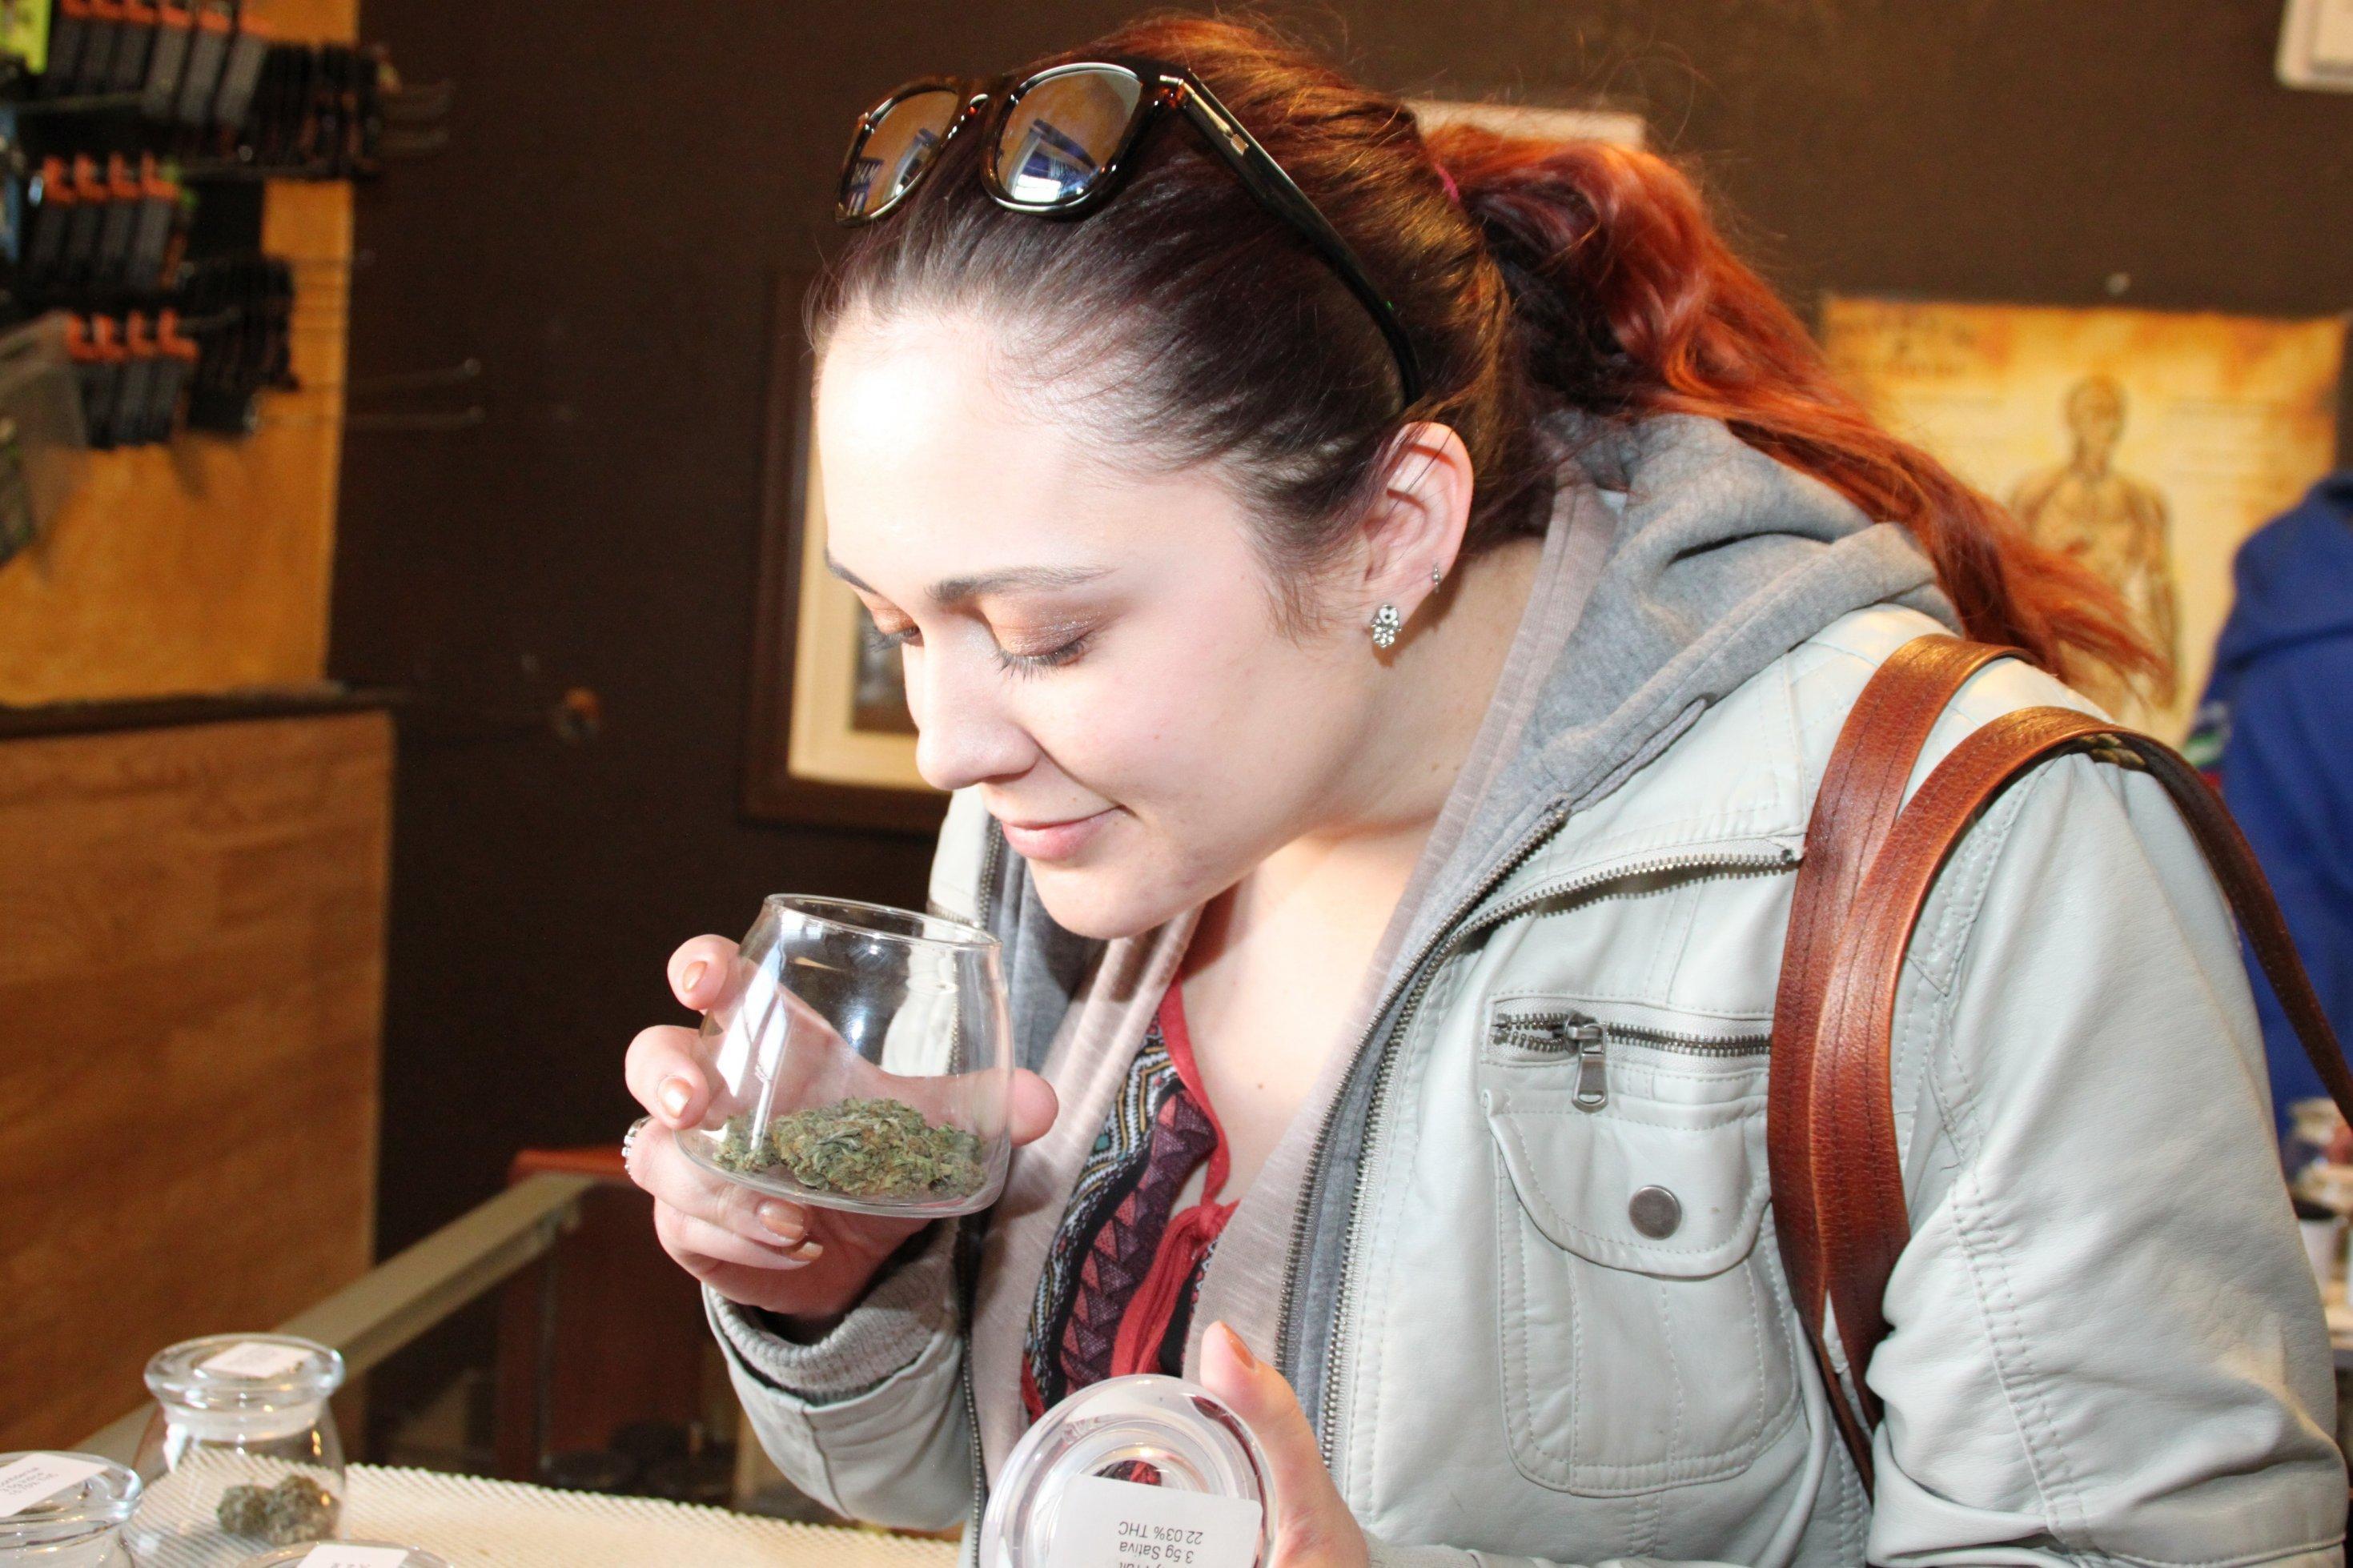 Eine junge Frau riecht an einer Dose mit Haschkeksen.